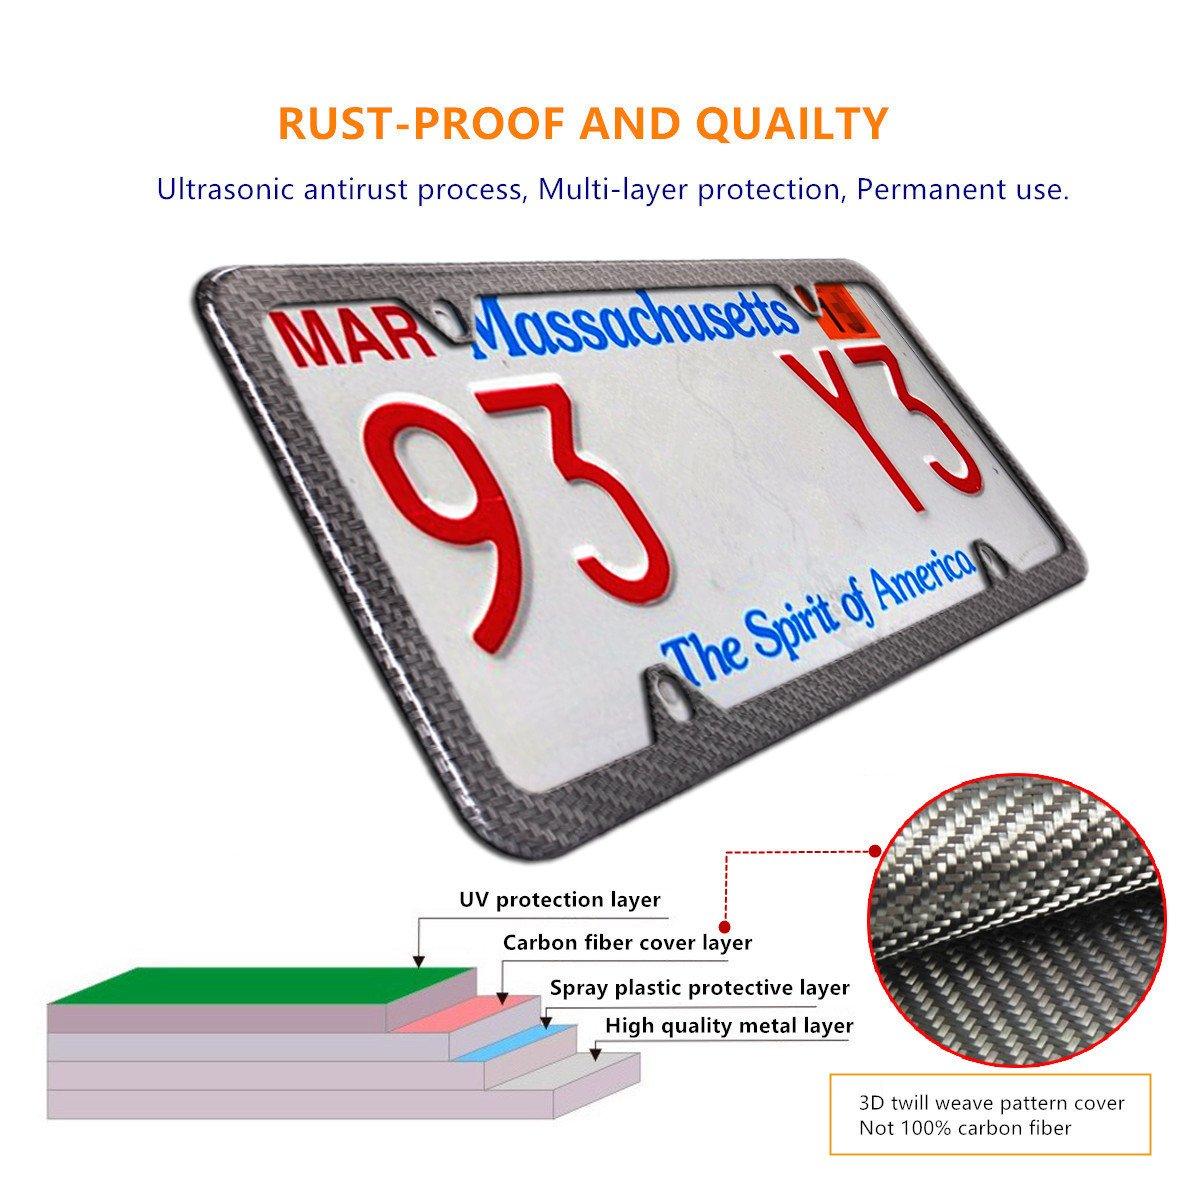 Neue 100% Carbon Faser Nummernschild Rahmen -3d Twill Faser ...